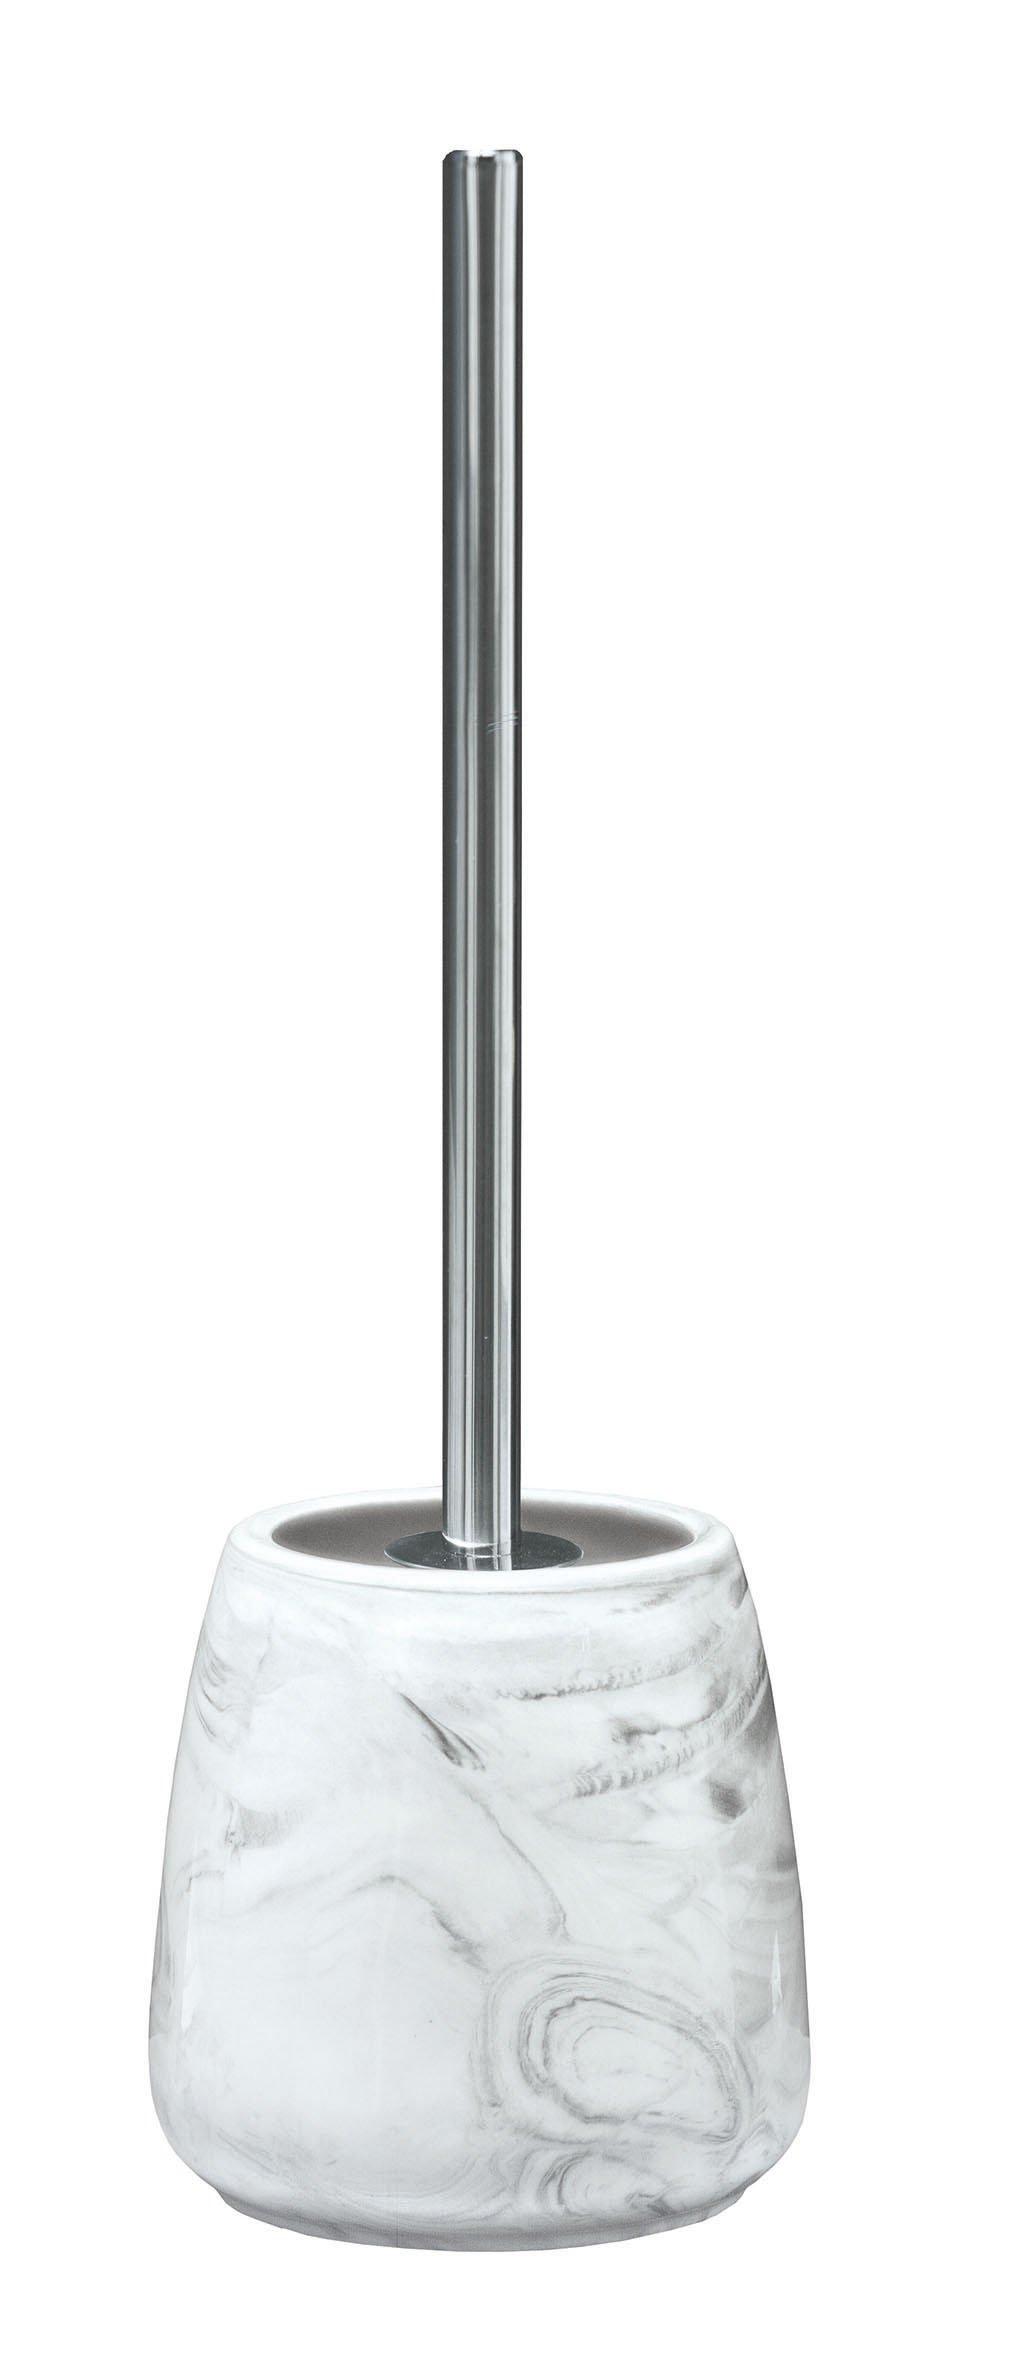 WC-Bürstenhalter Marble Anthrazit B:13,5cm